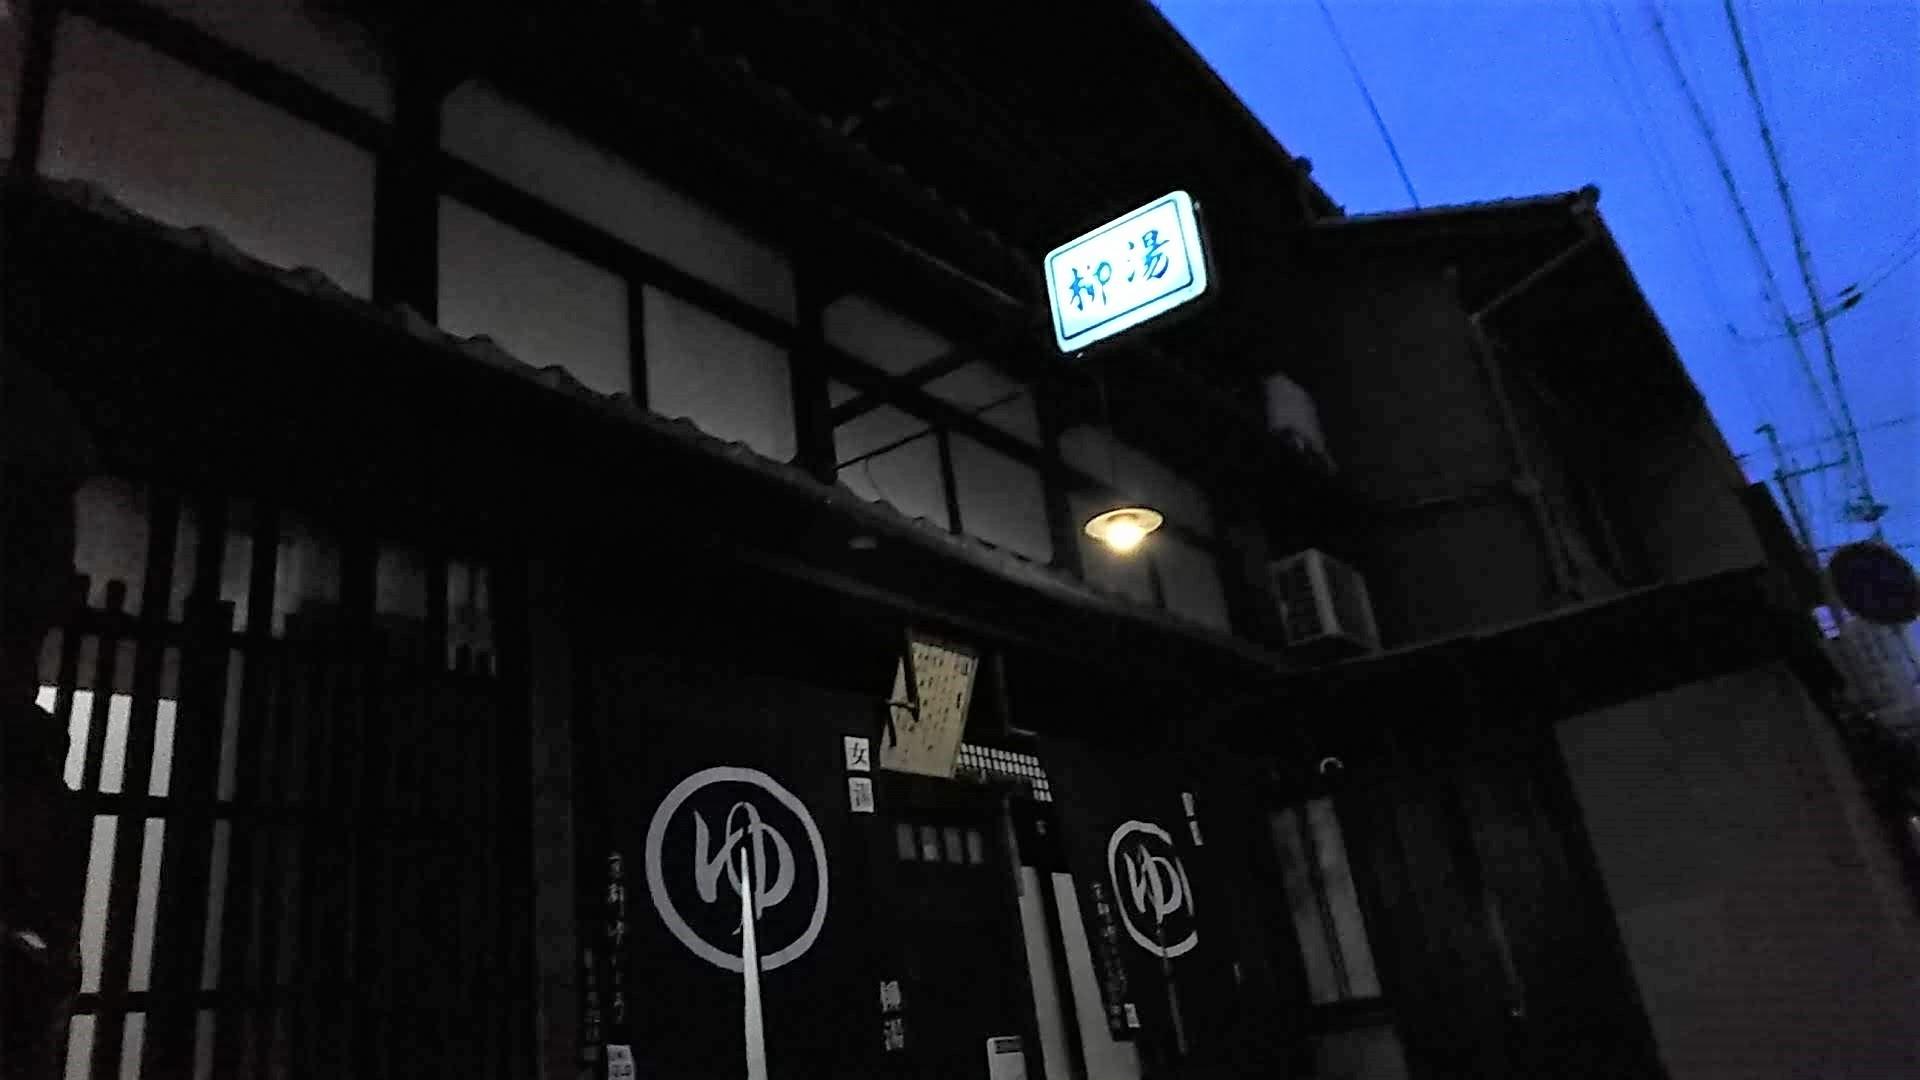 【回顧録・その1】京都マラソン_d0331971_16211999.jpg